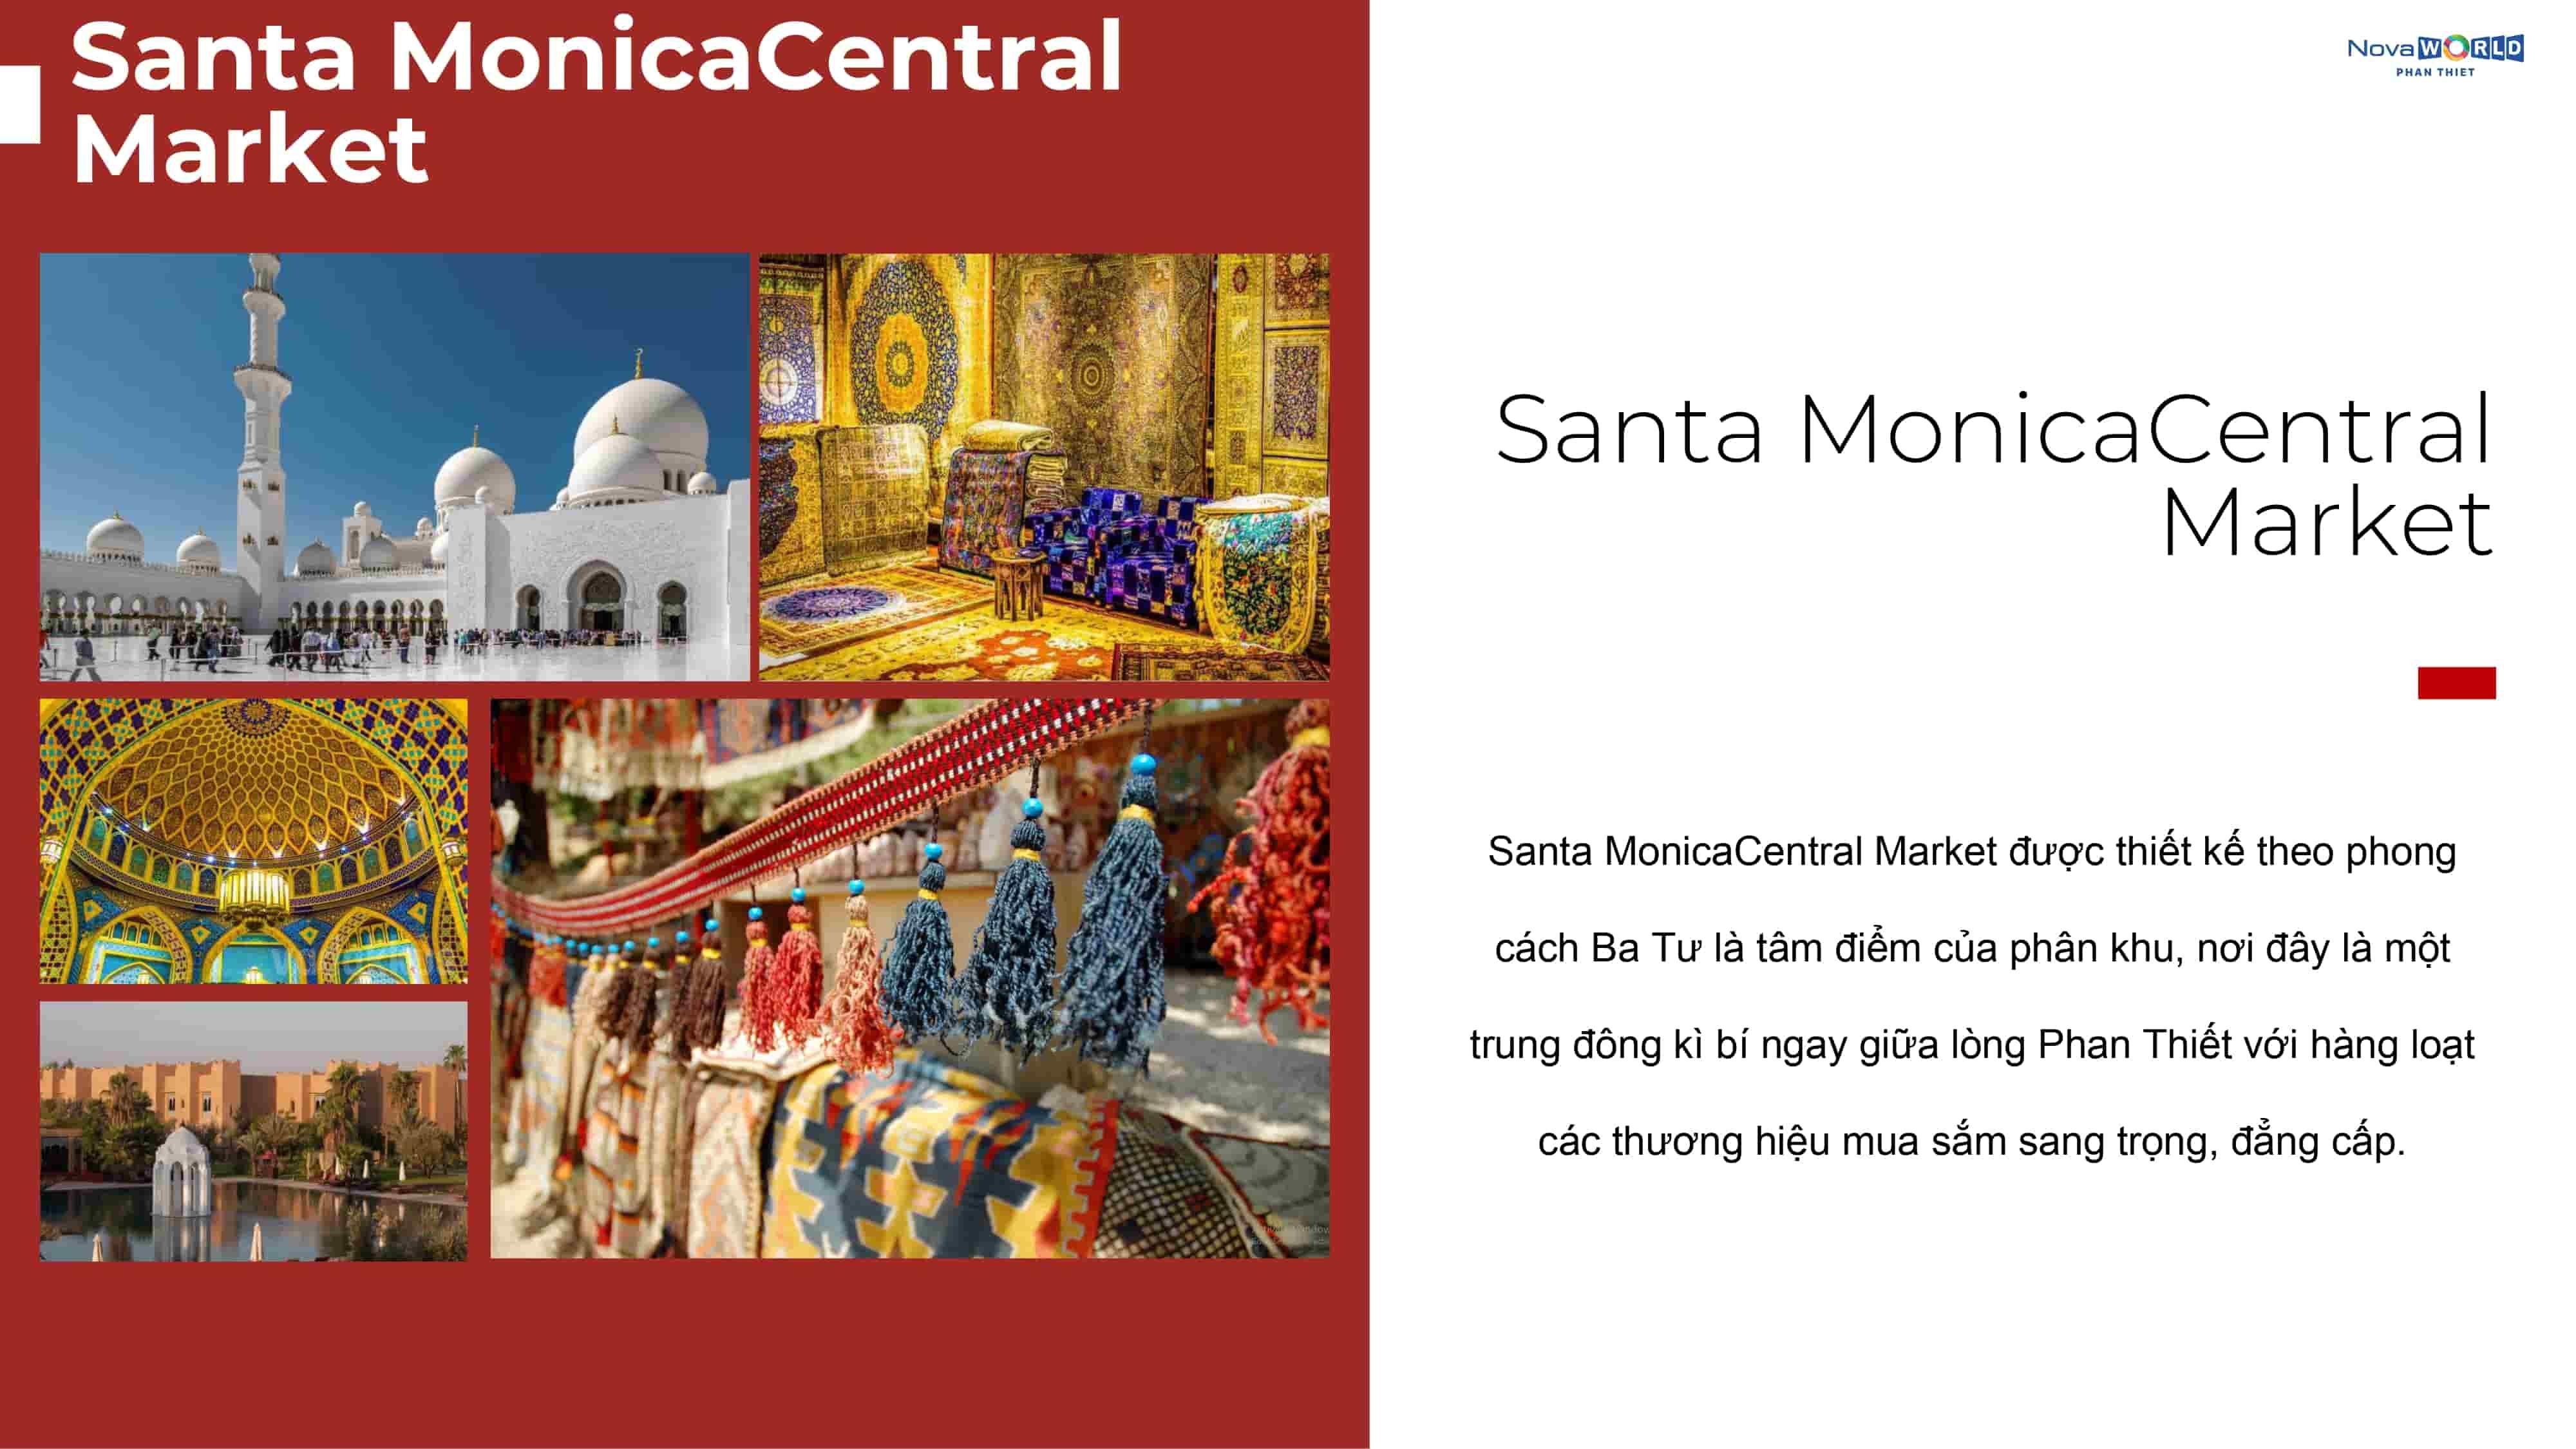 Tiện ích Chợ Batu Santa Monica